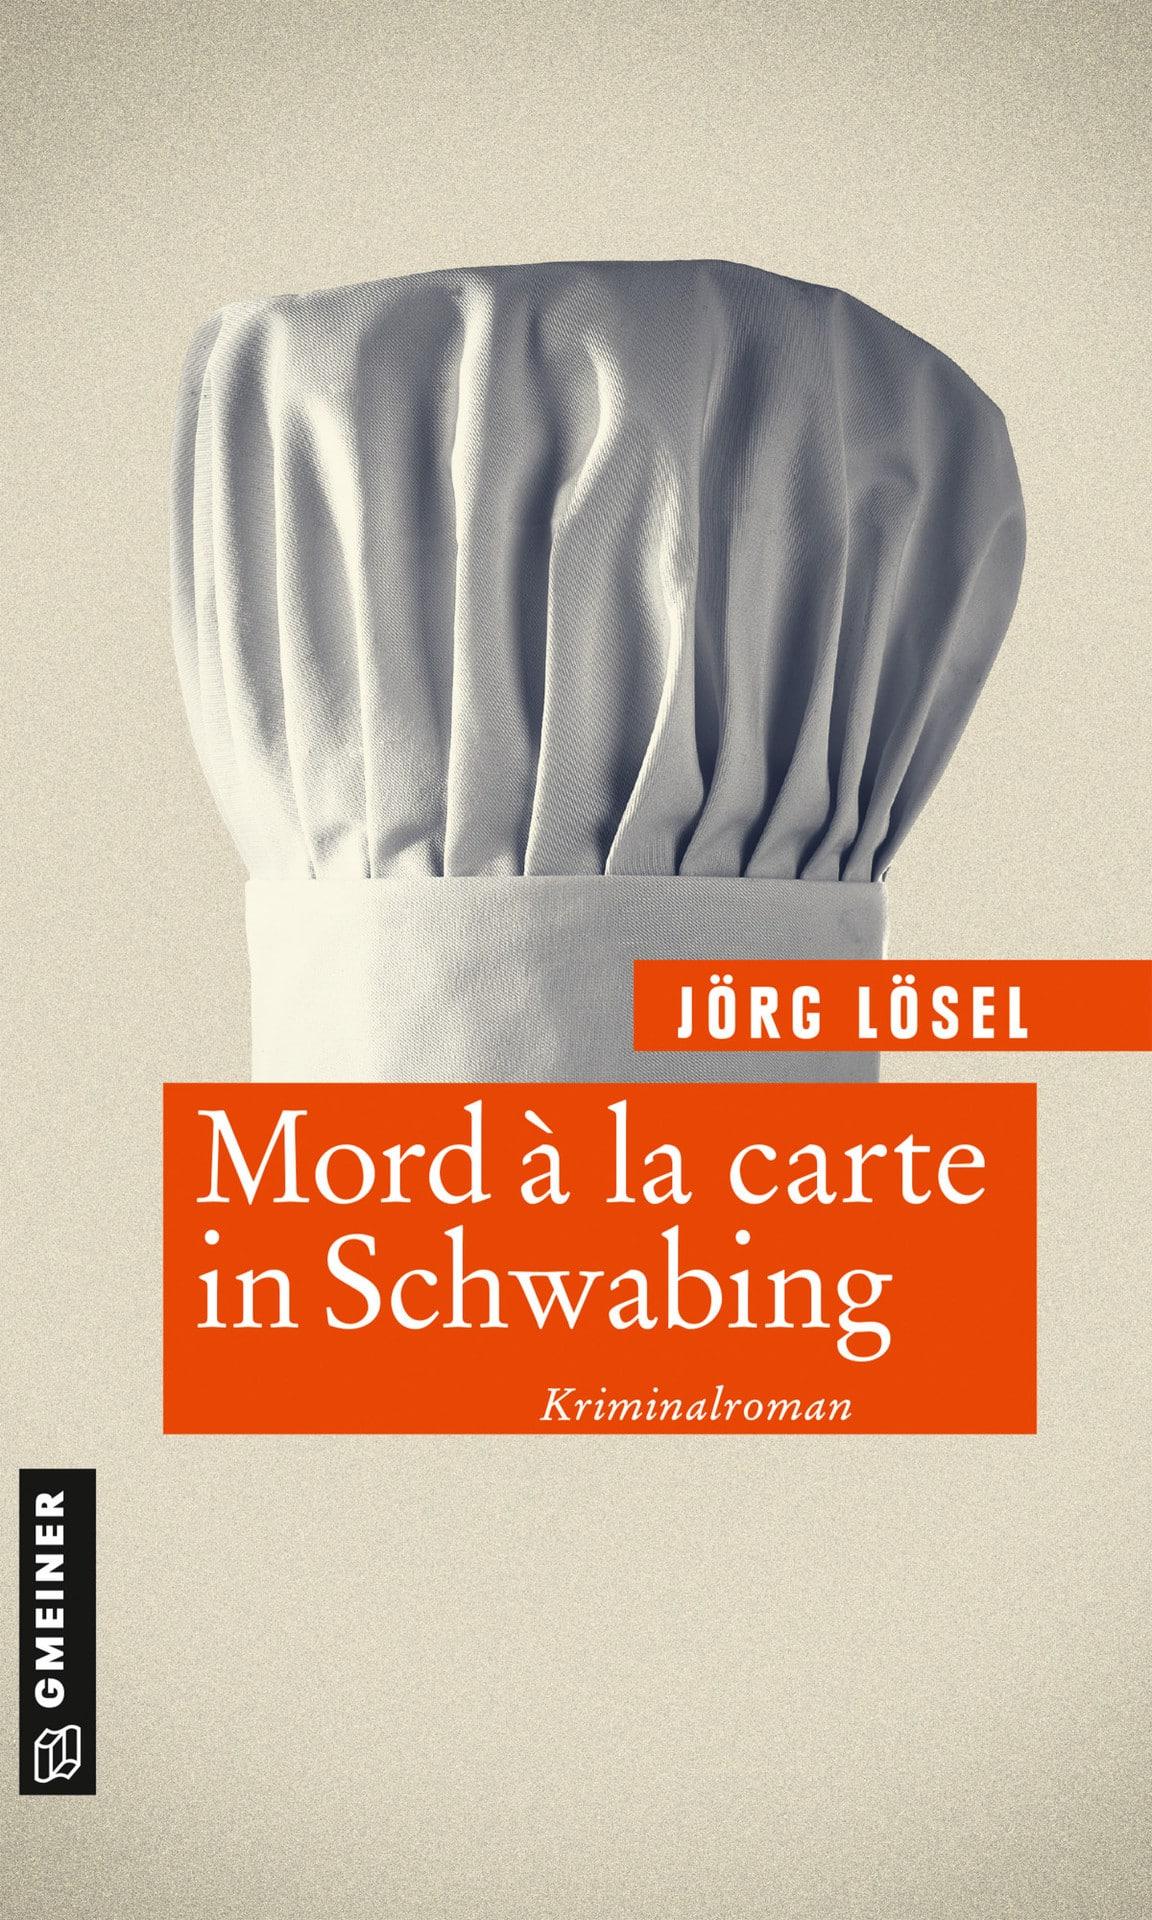 Mord à la carte in Schwabing Blizz verlost drei Ausgaben des Kriminalromans von Jörg Lösel